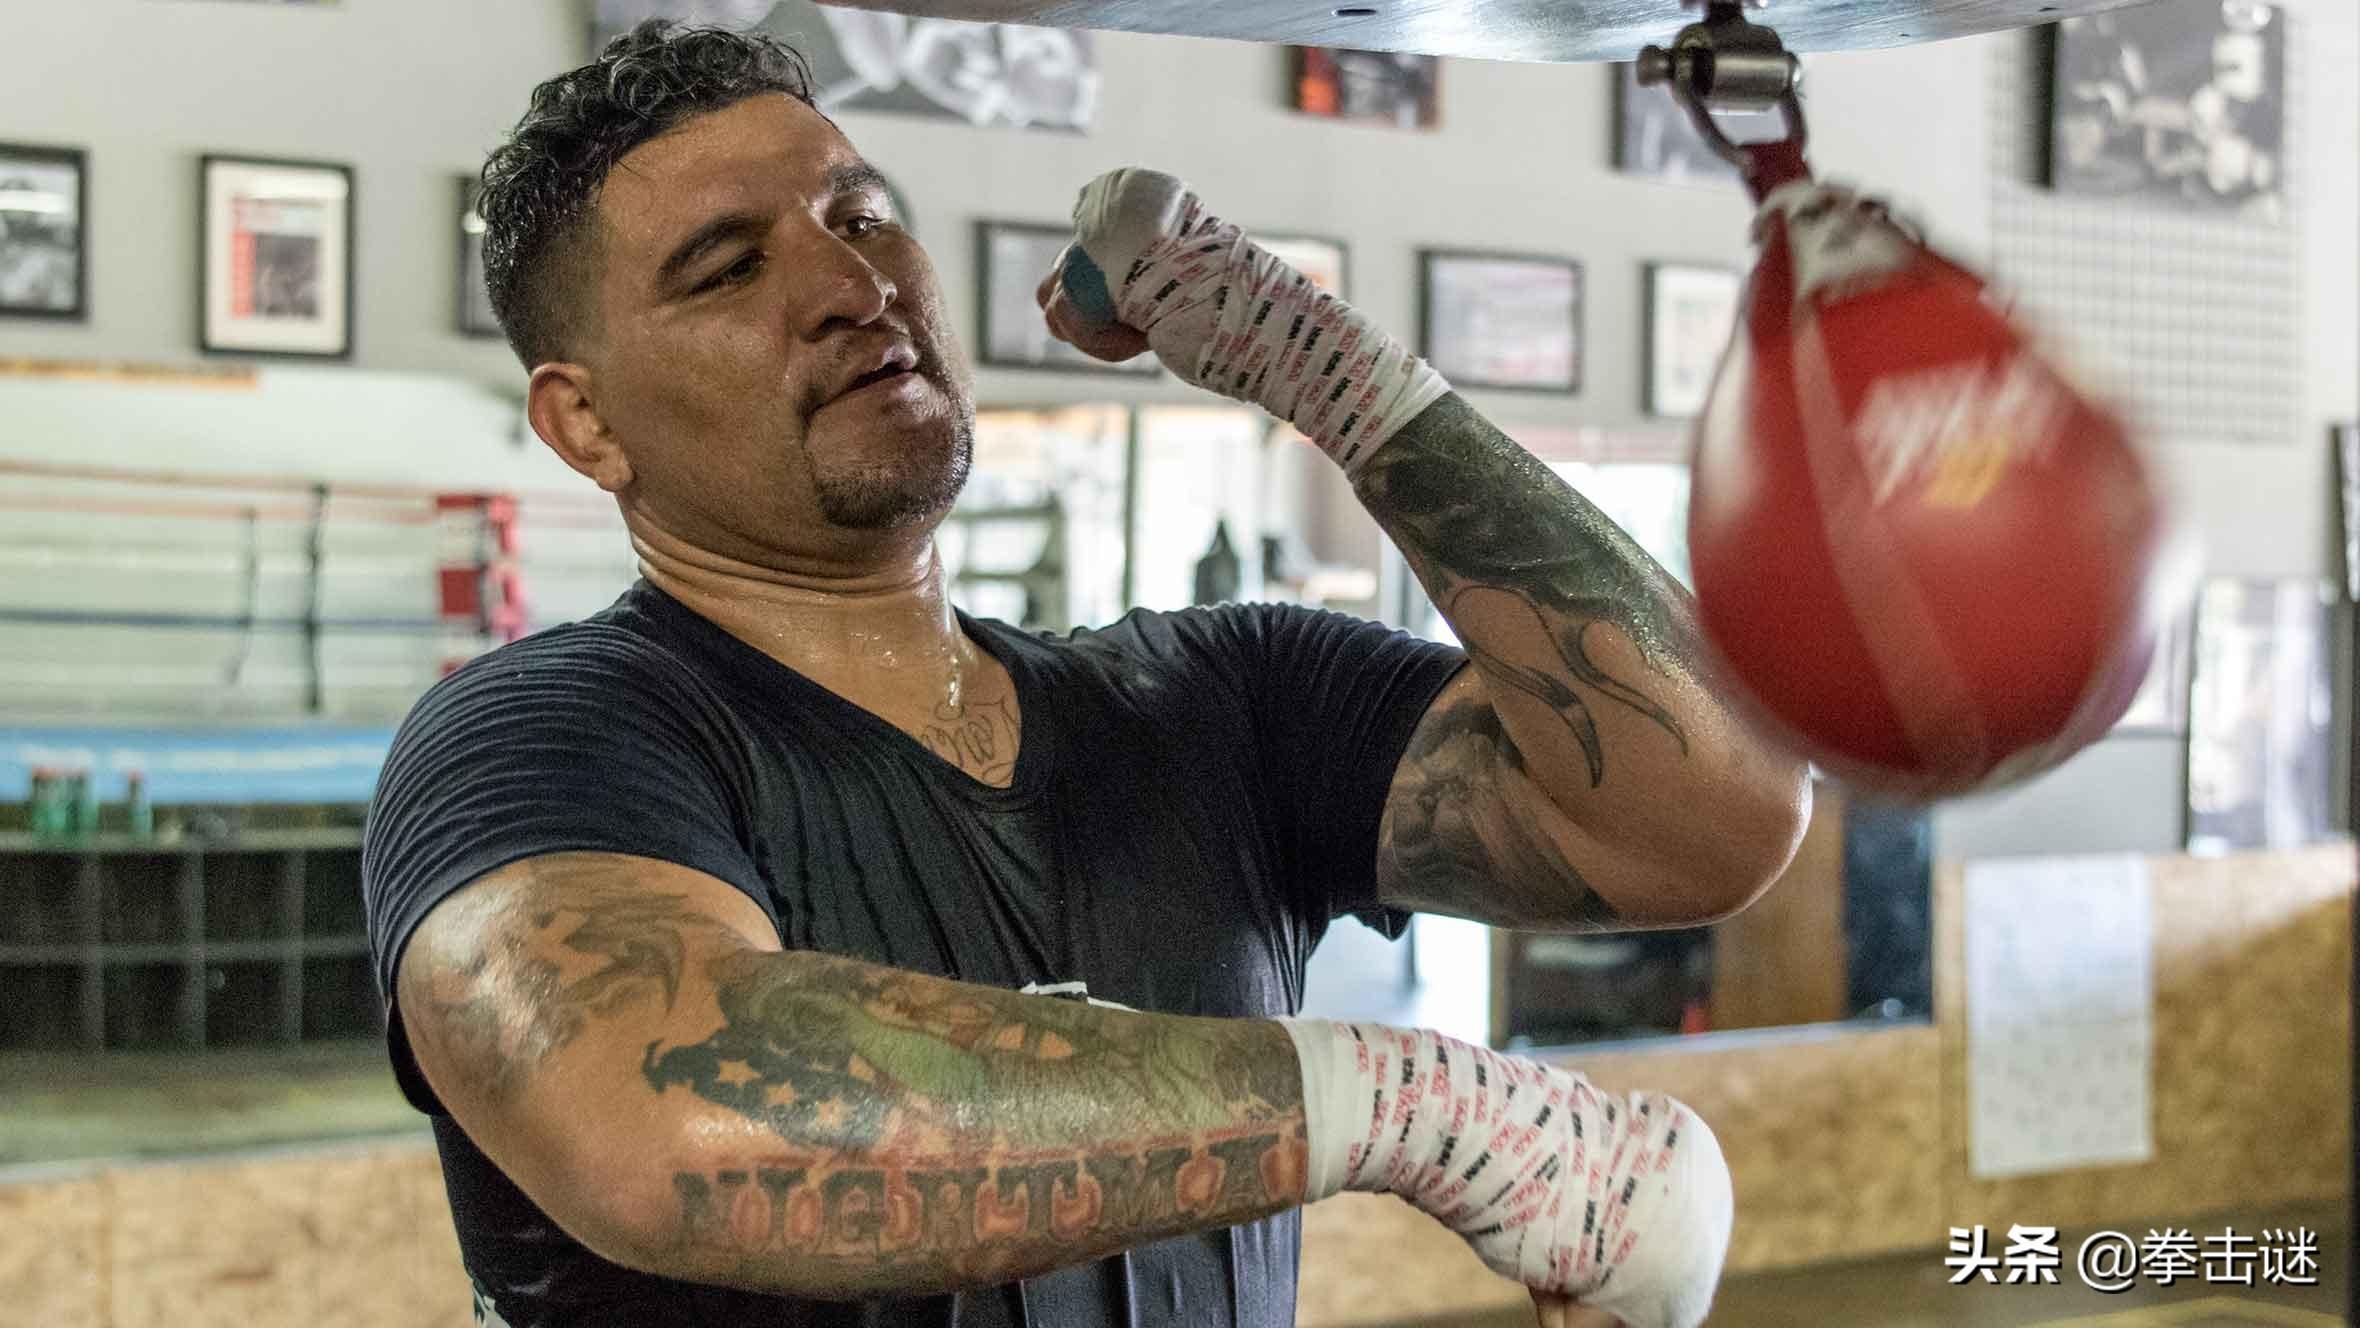 """""""小胖""""鲁伊兹4月24日复出拳坛,对手确定,可惜拳迷非常失望"""